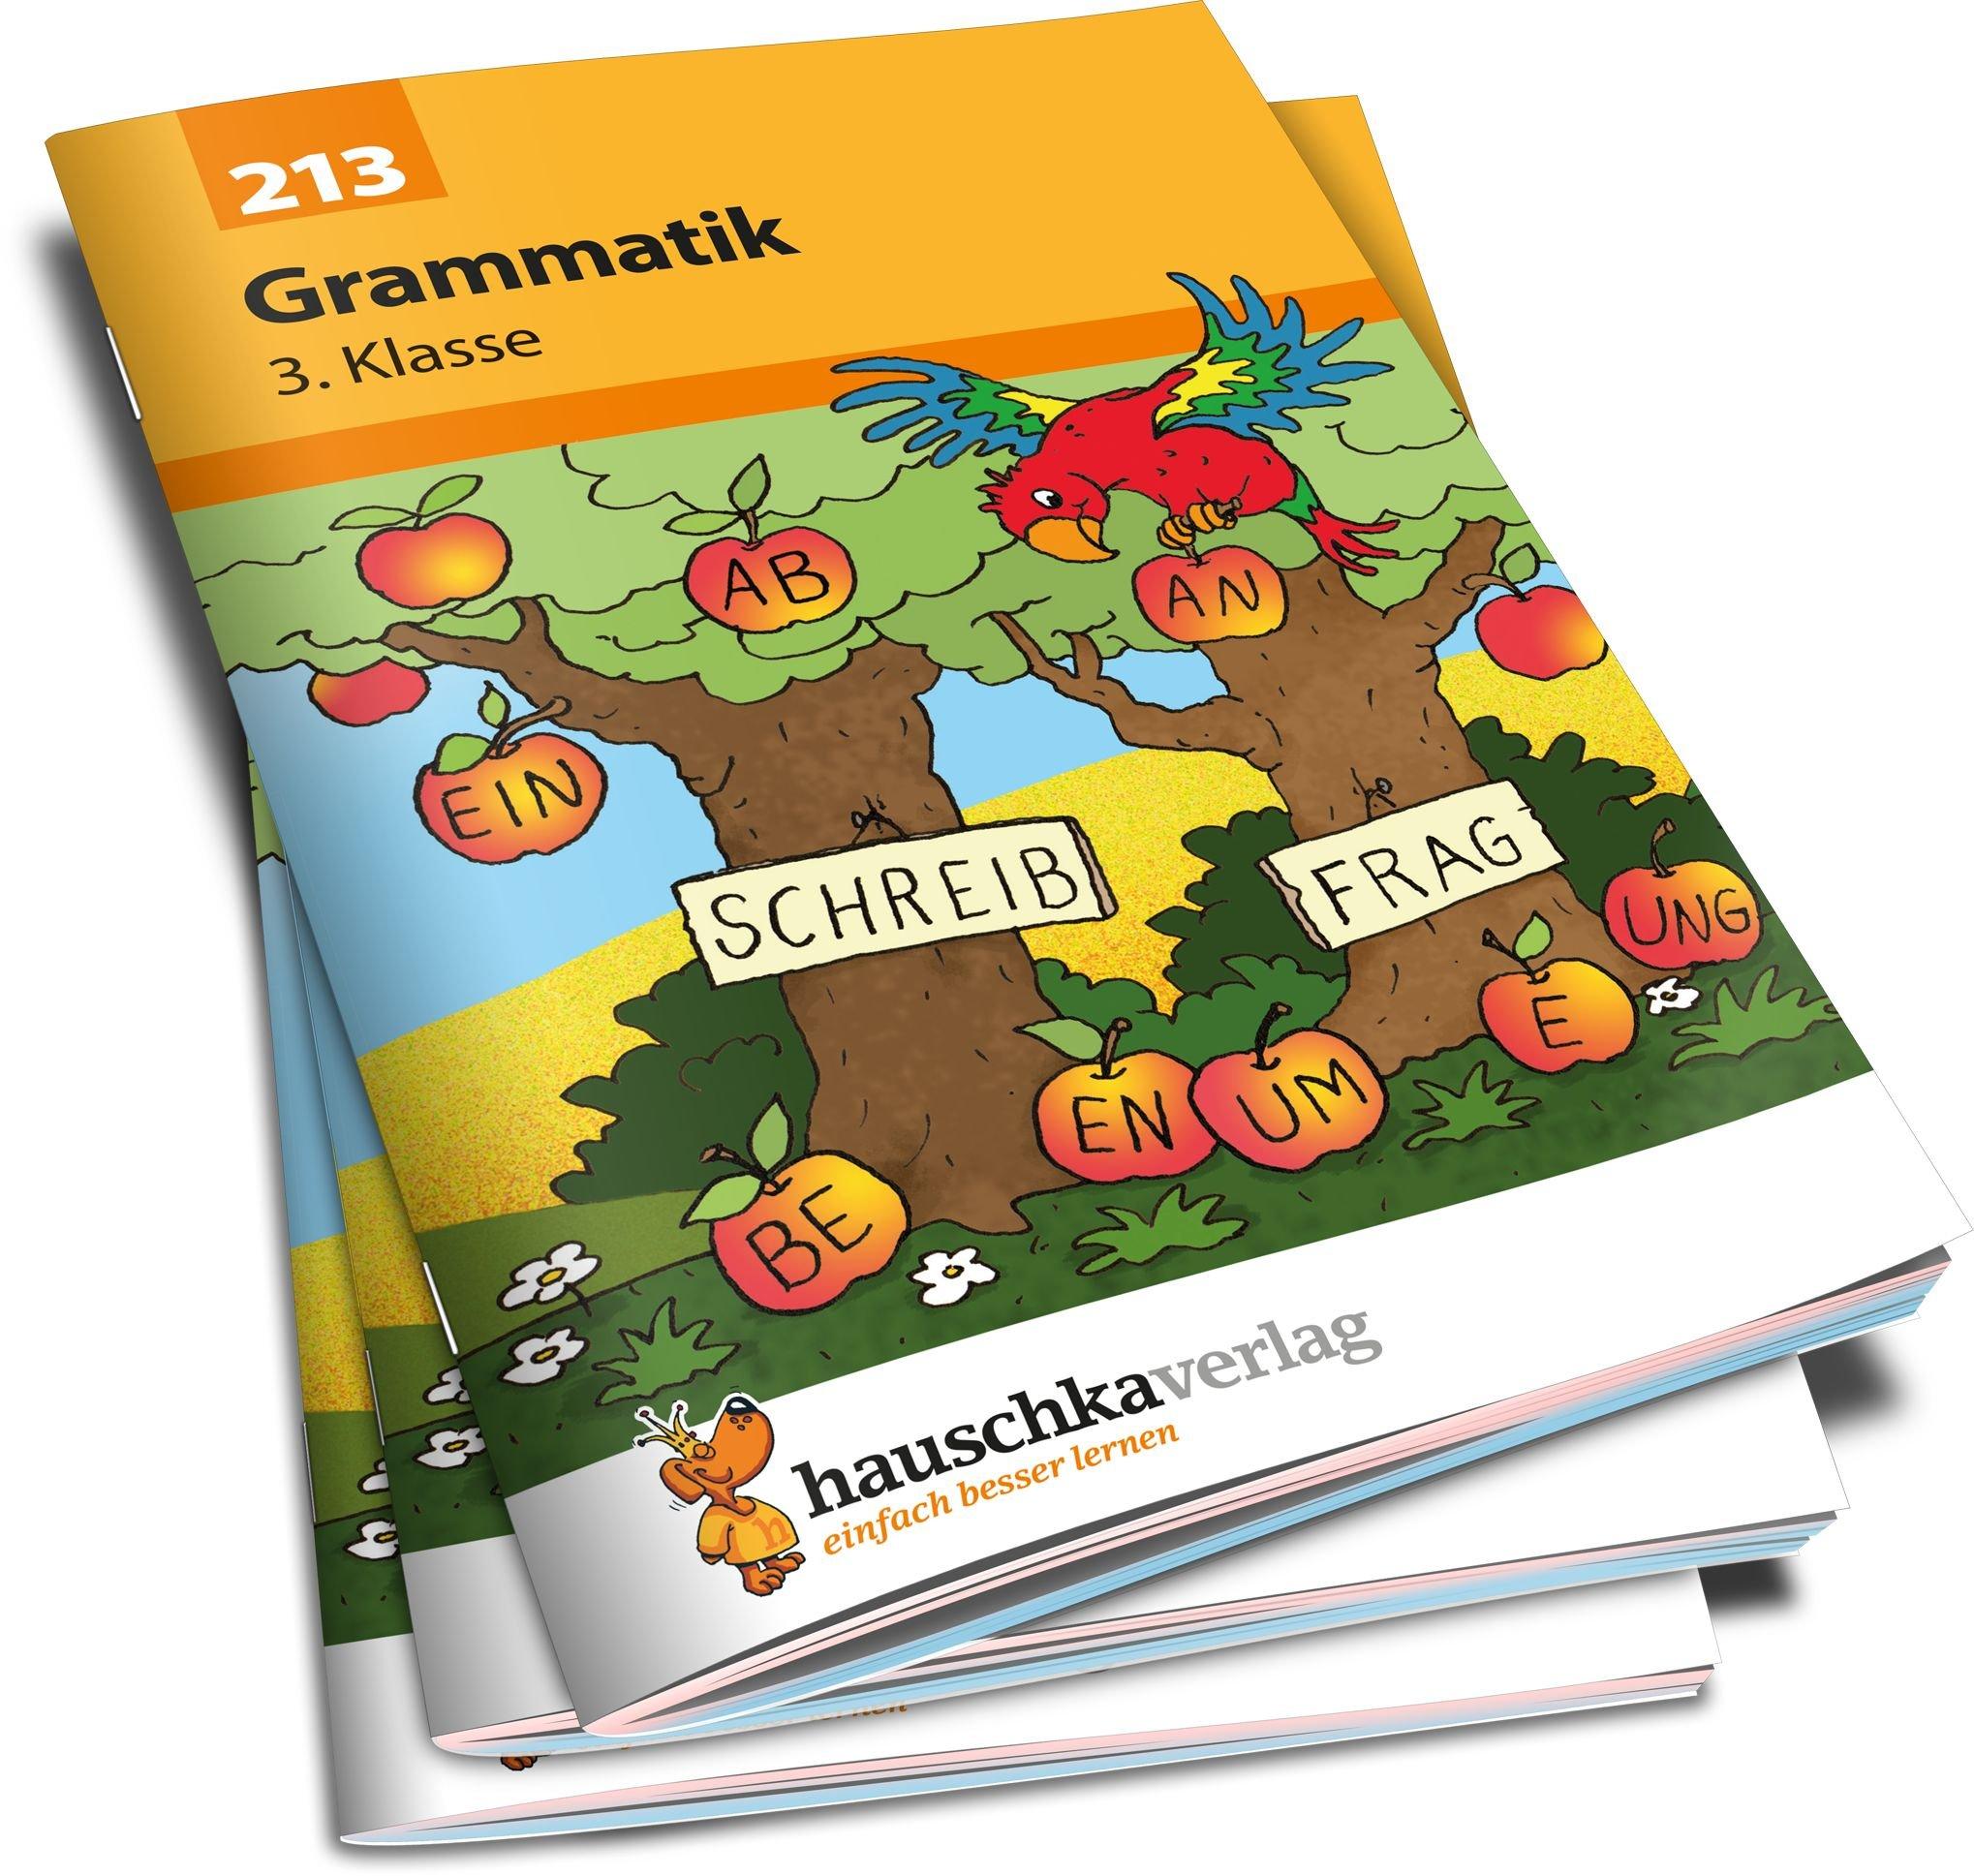 Grammatik 3. Klasse (Deutsch: Grammatik, Band 213): Amazon.de ...